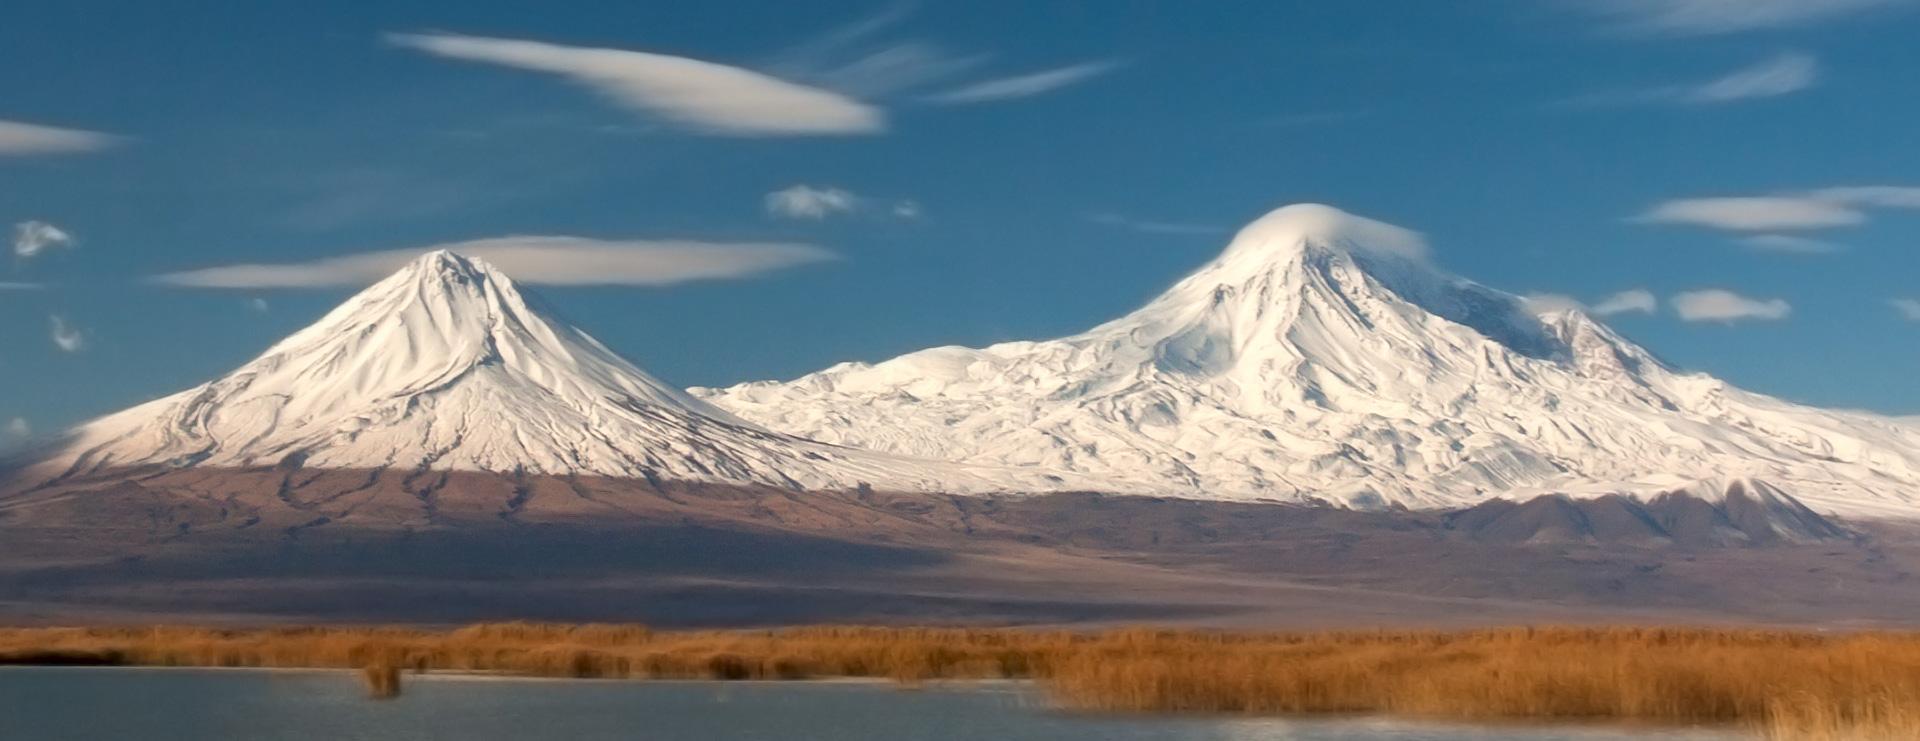 Ararat | Engenharia e Construção de Alta Complexidade